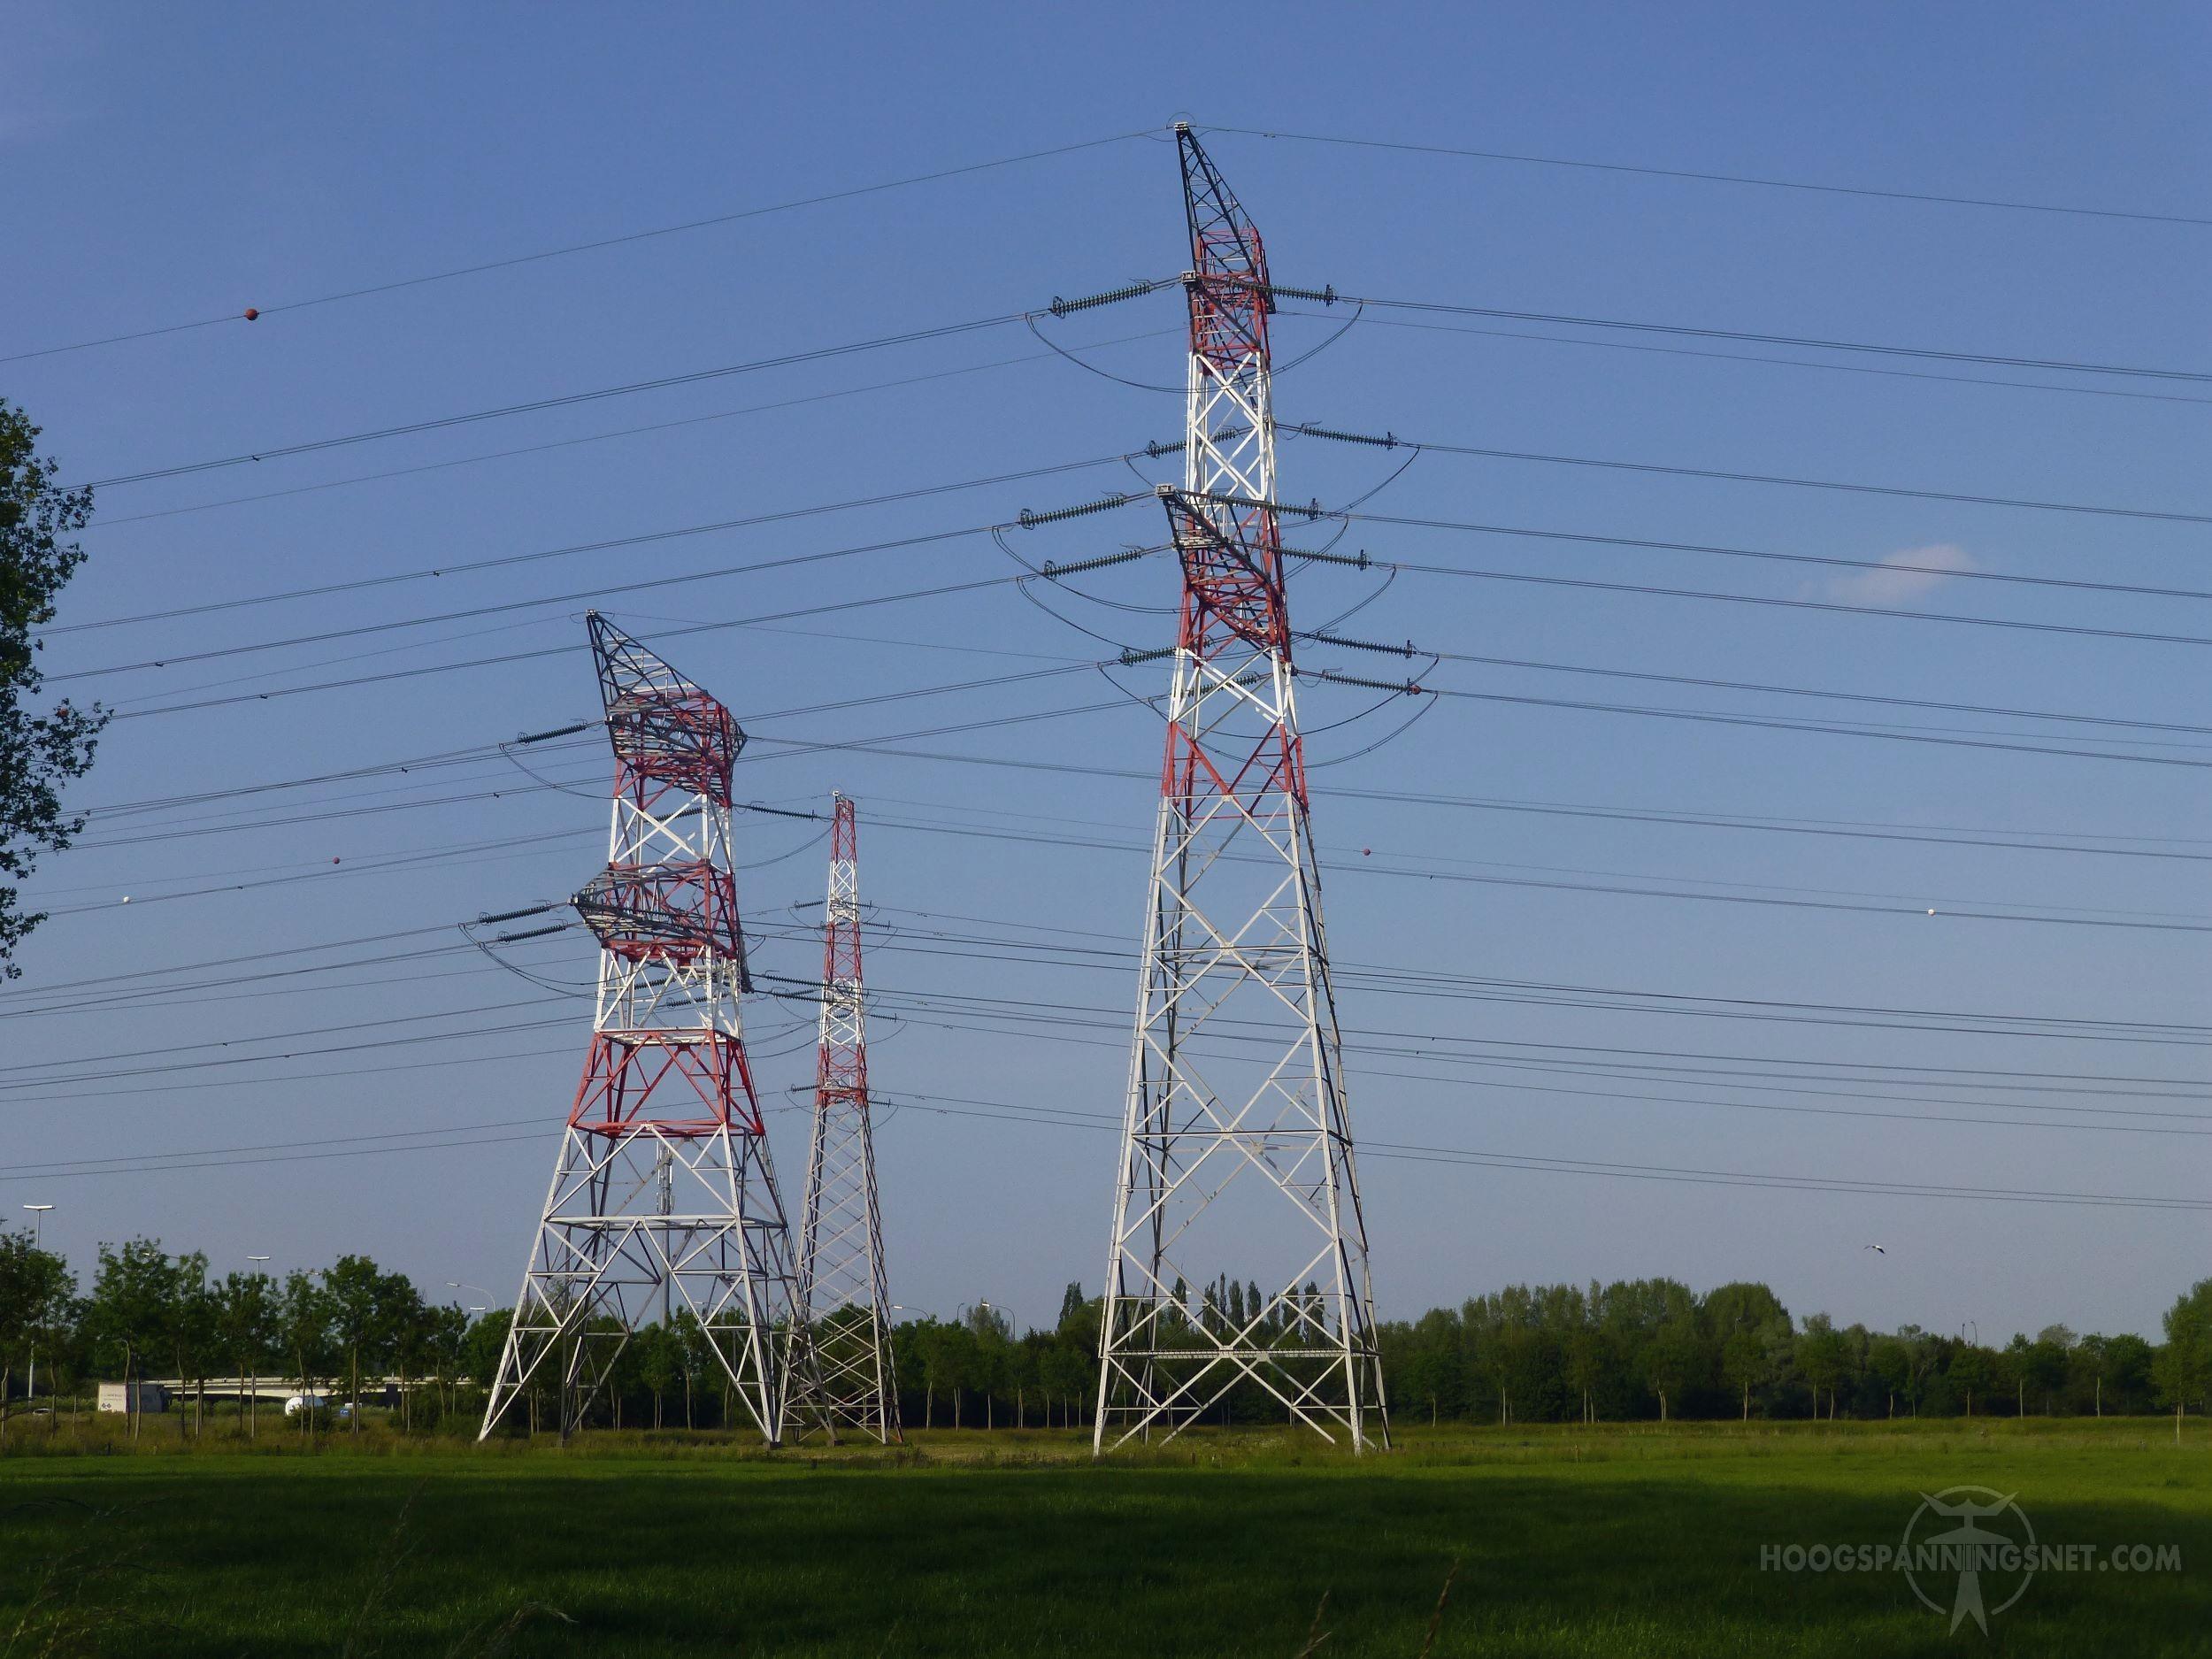 Stoere Belgische masten met roodwitte toppen